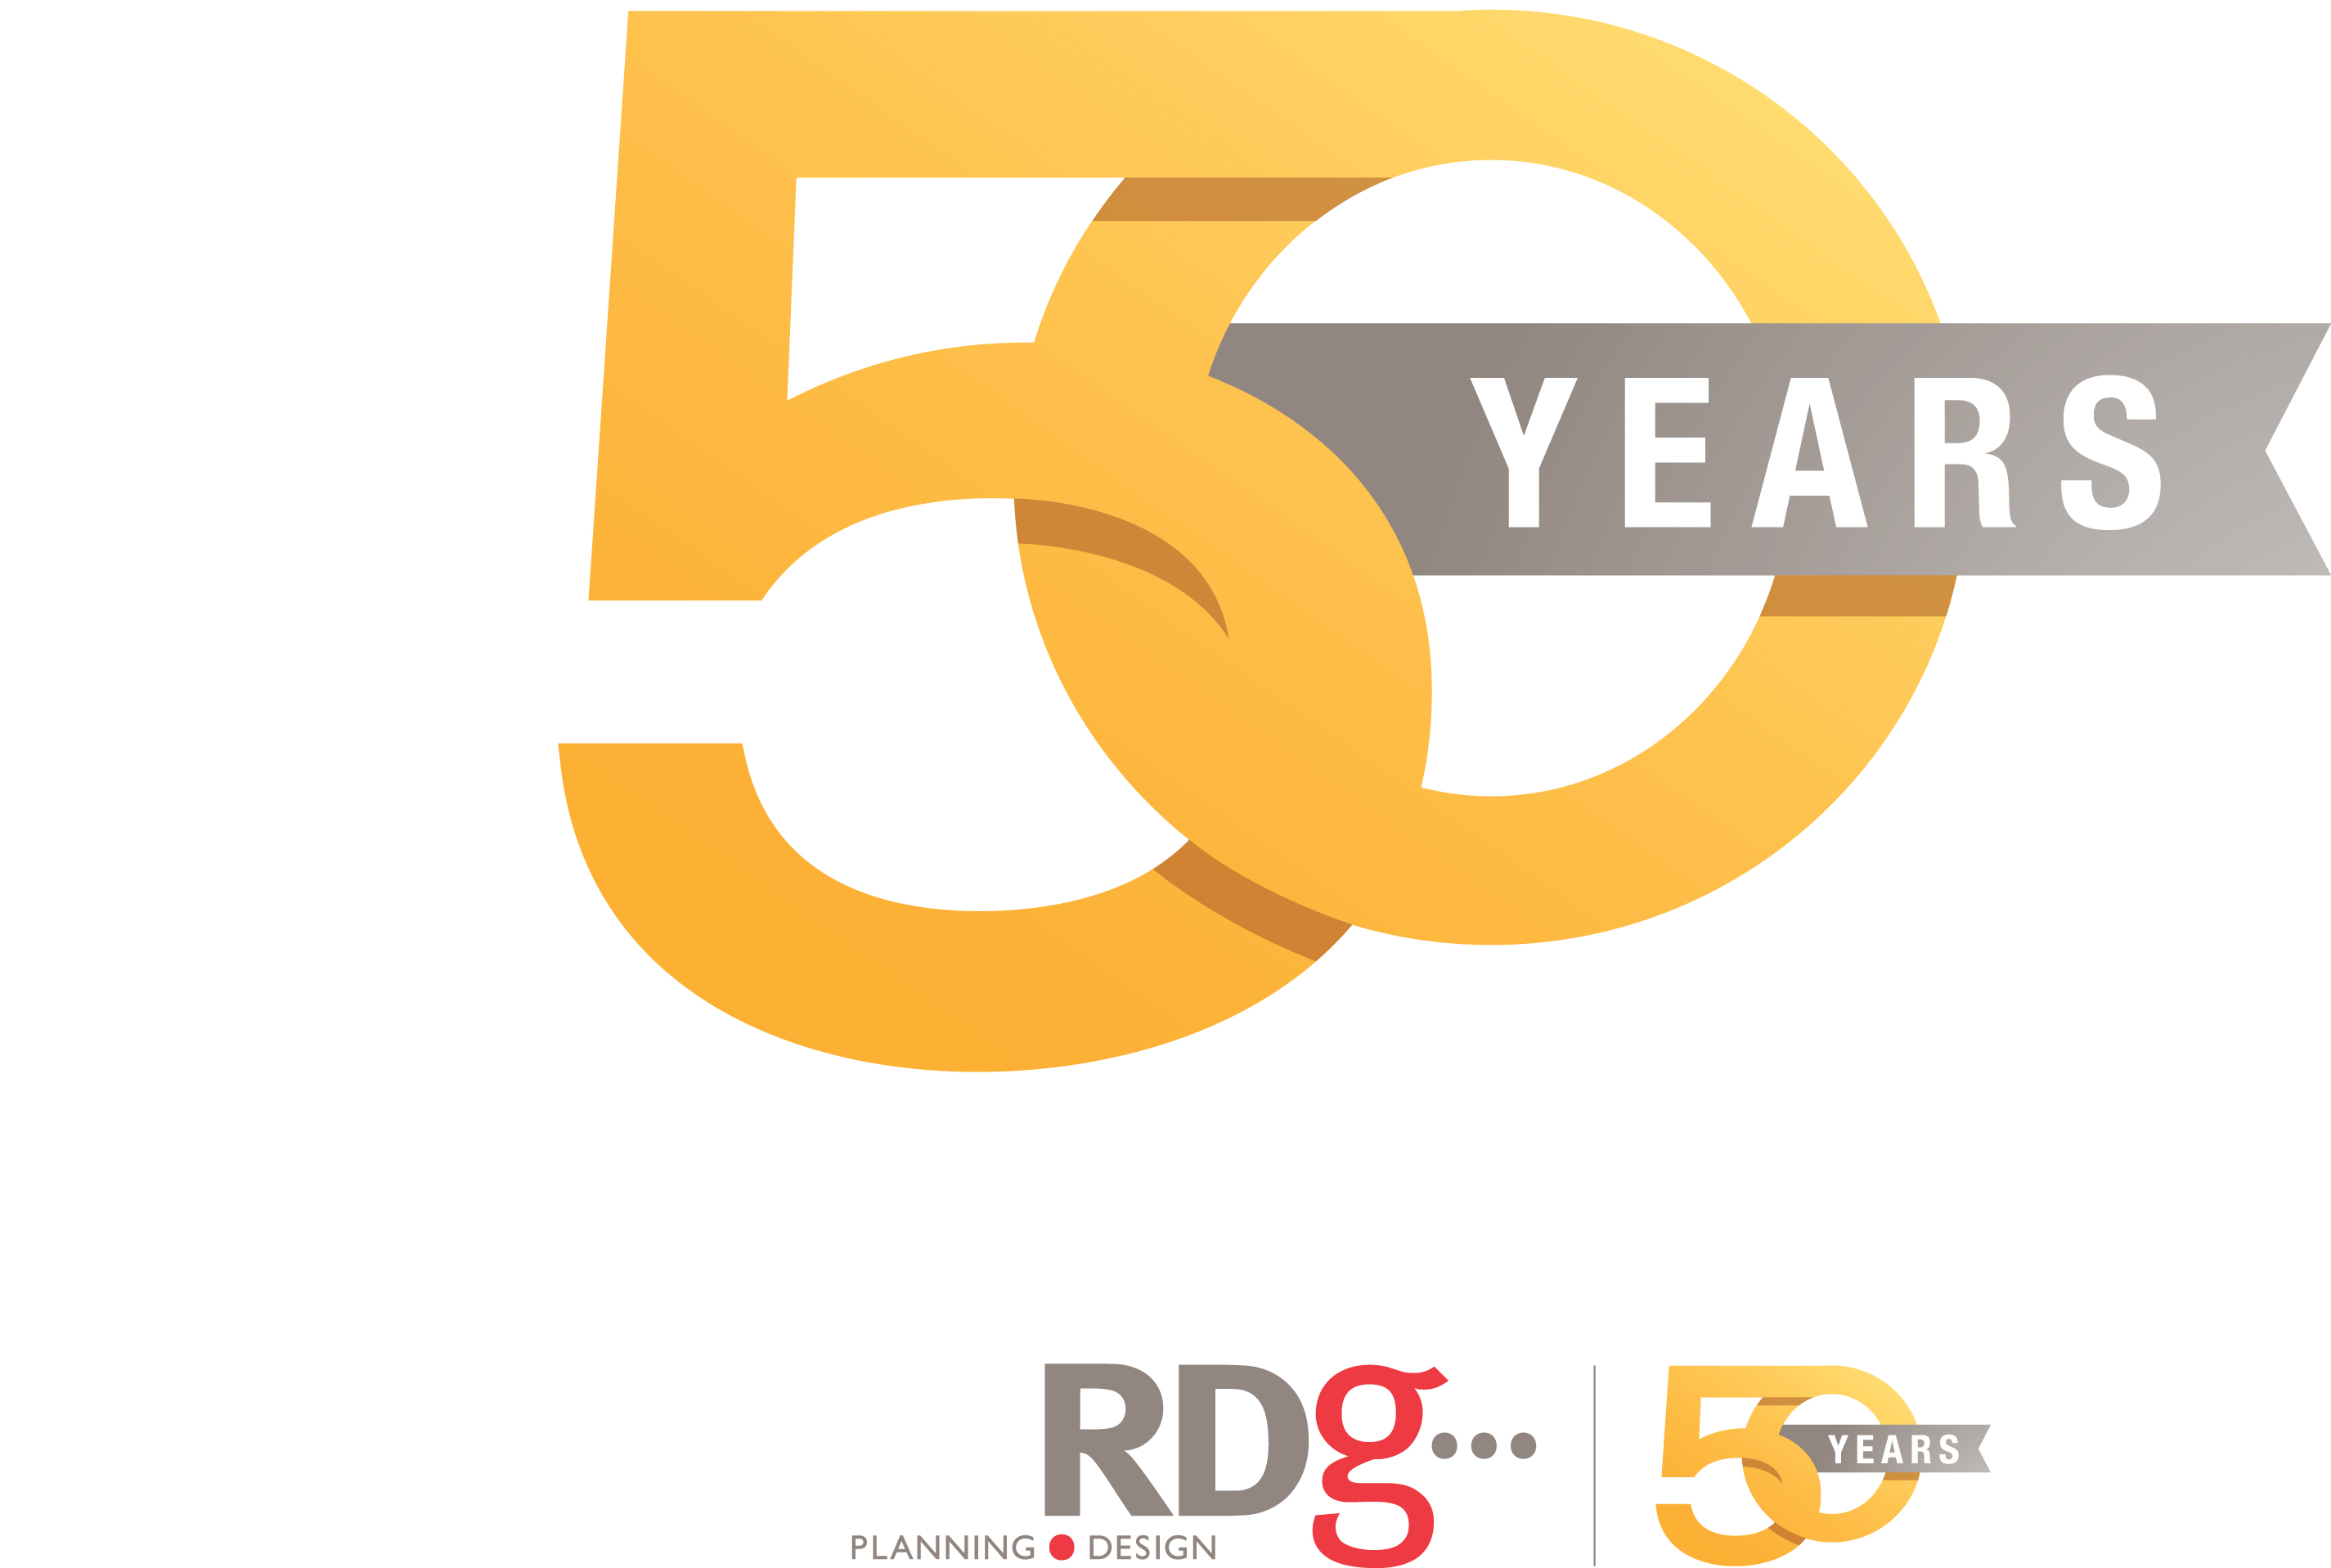 RDG+50